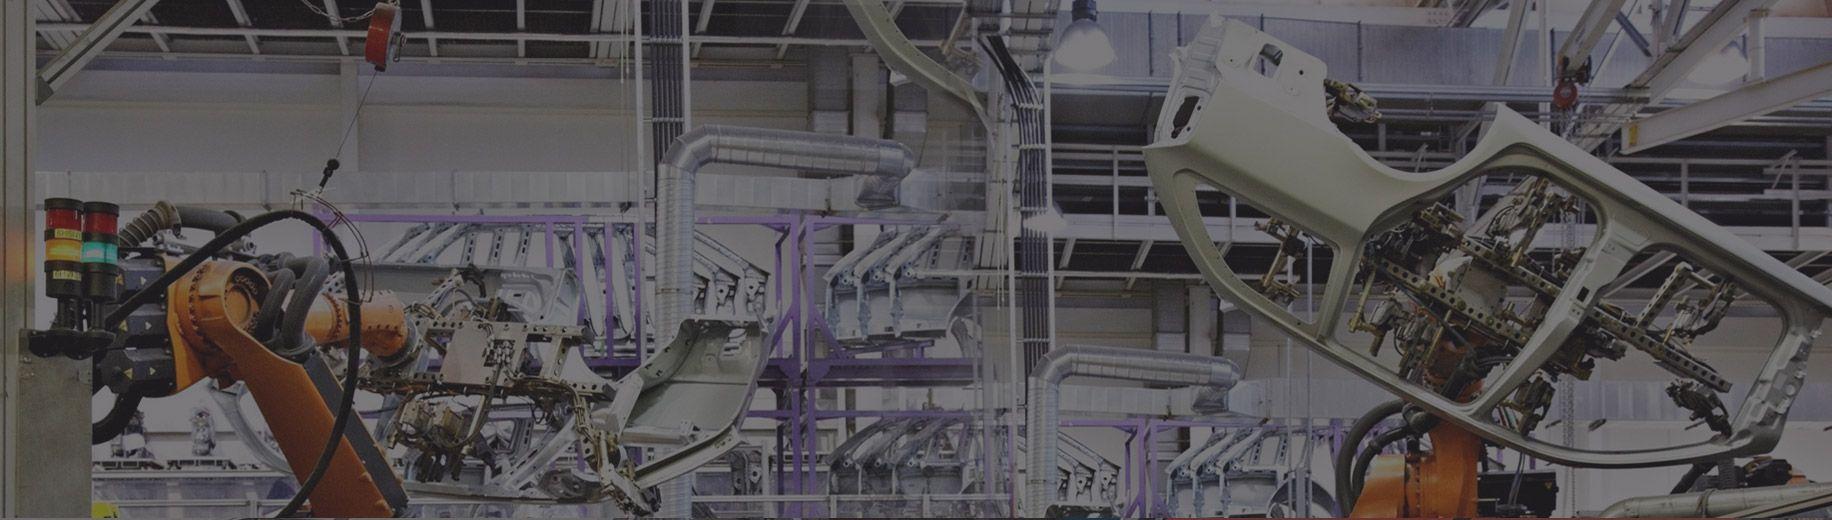 Stahl-Blech-Service GmbH